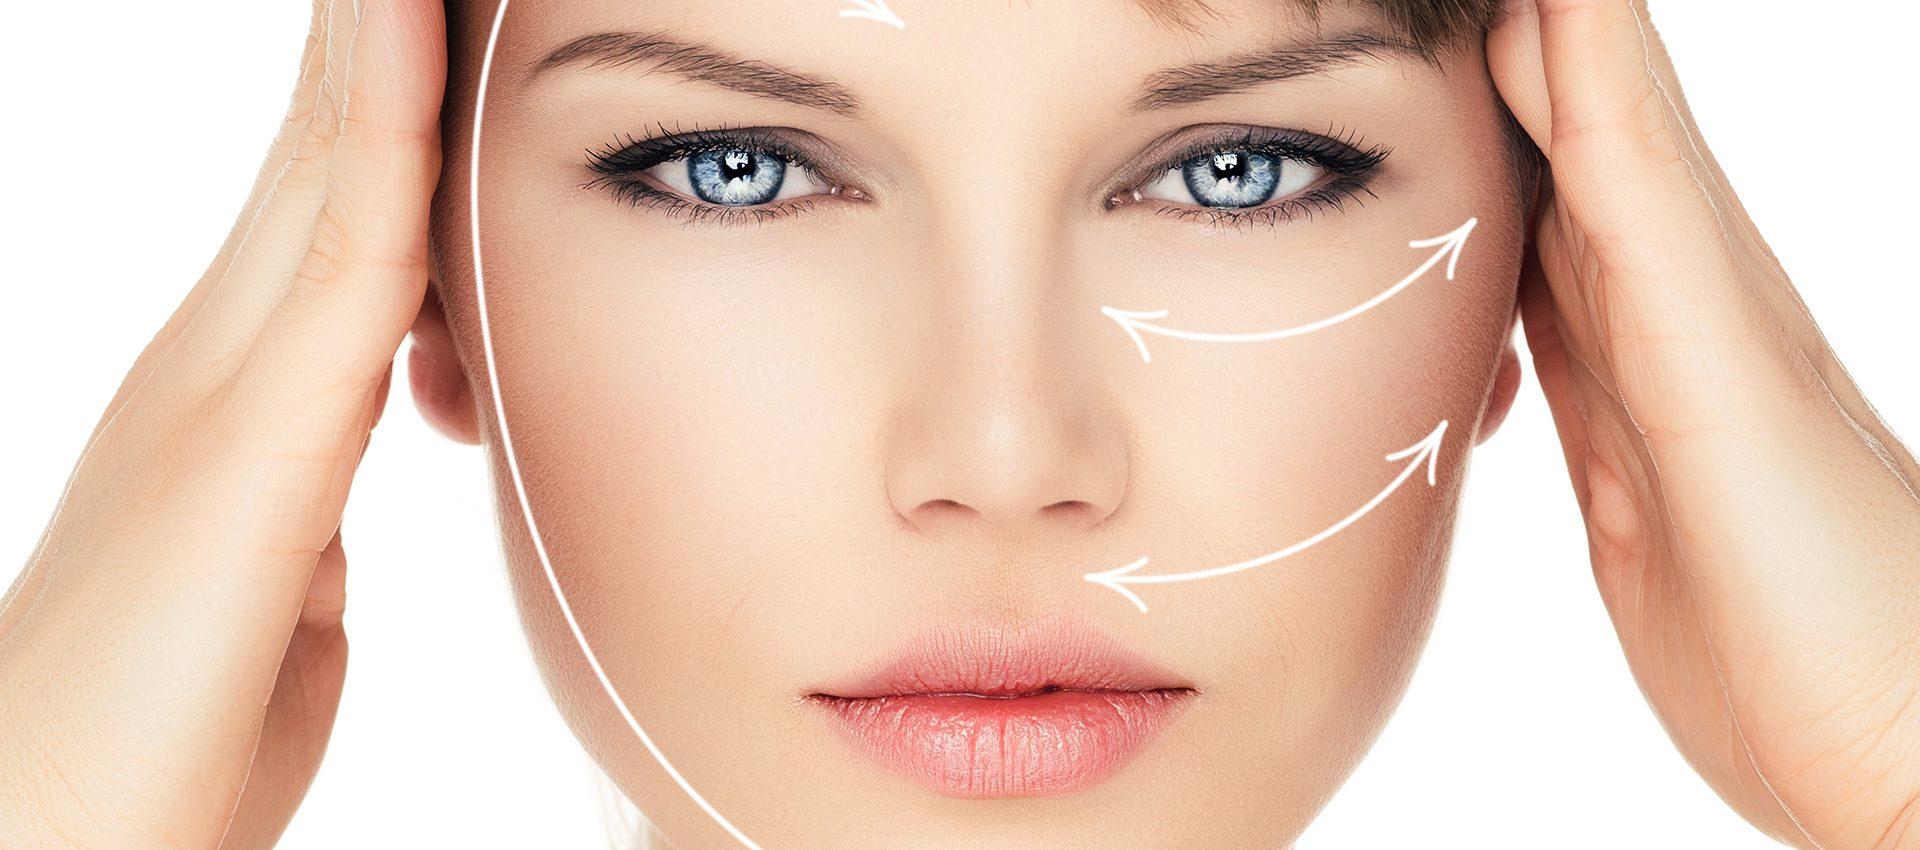 Aesthetic Facials